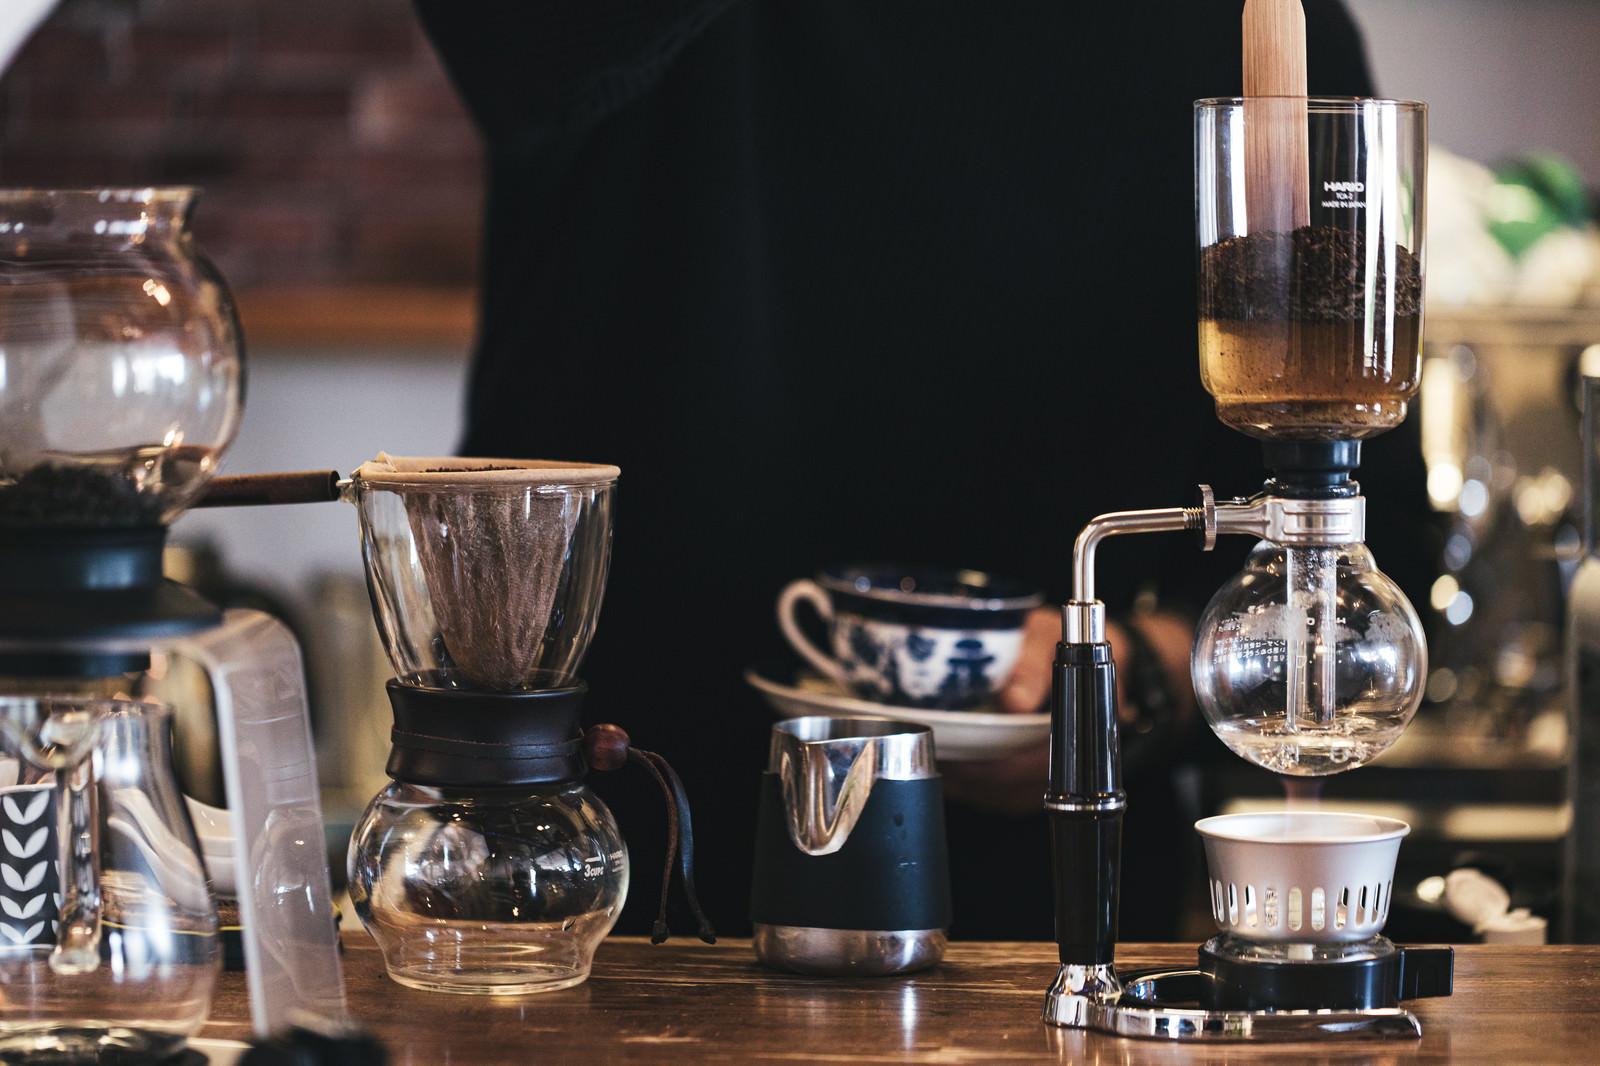 「カフェのコーヒー器具の数々」の写真